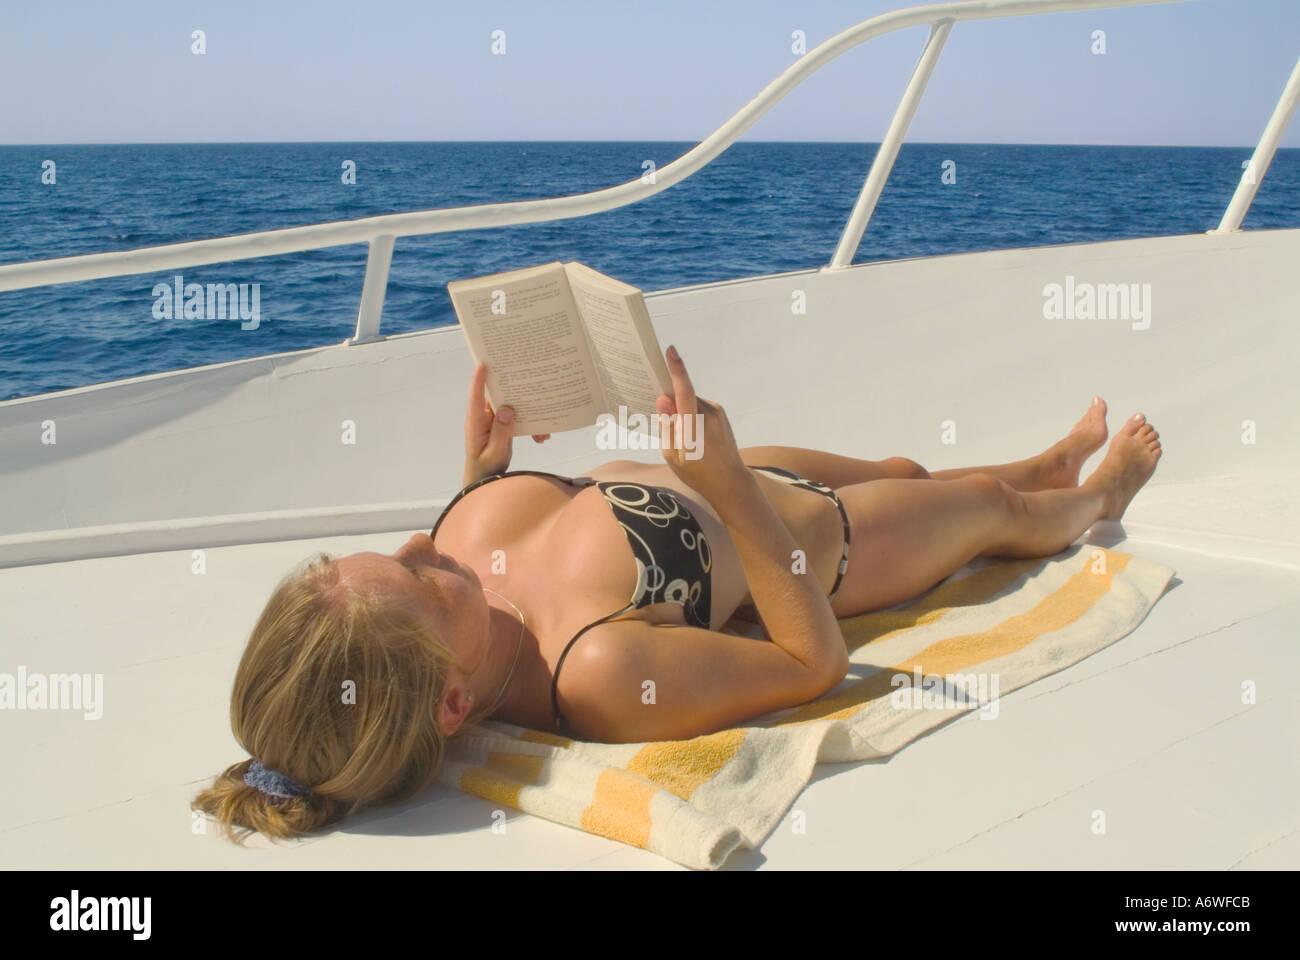 Cum On Sunbather